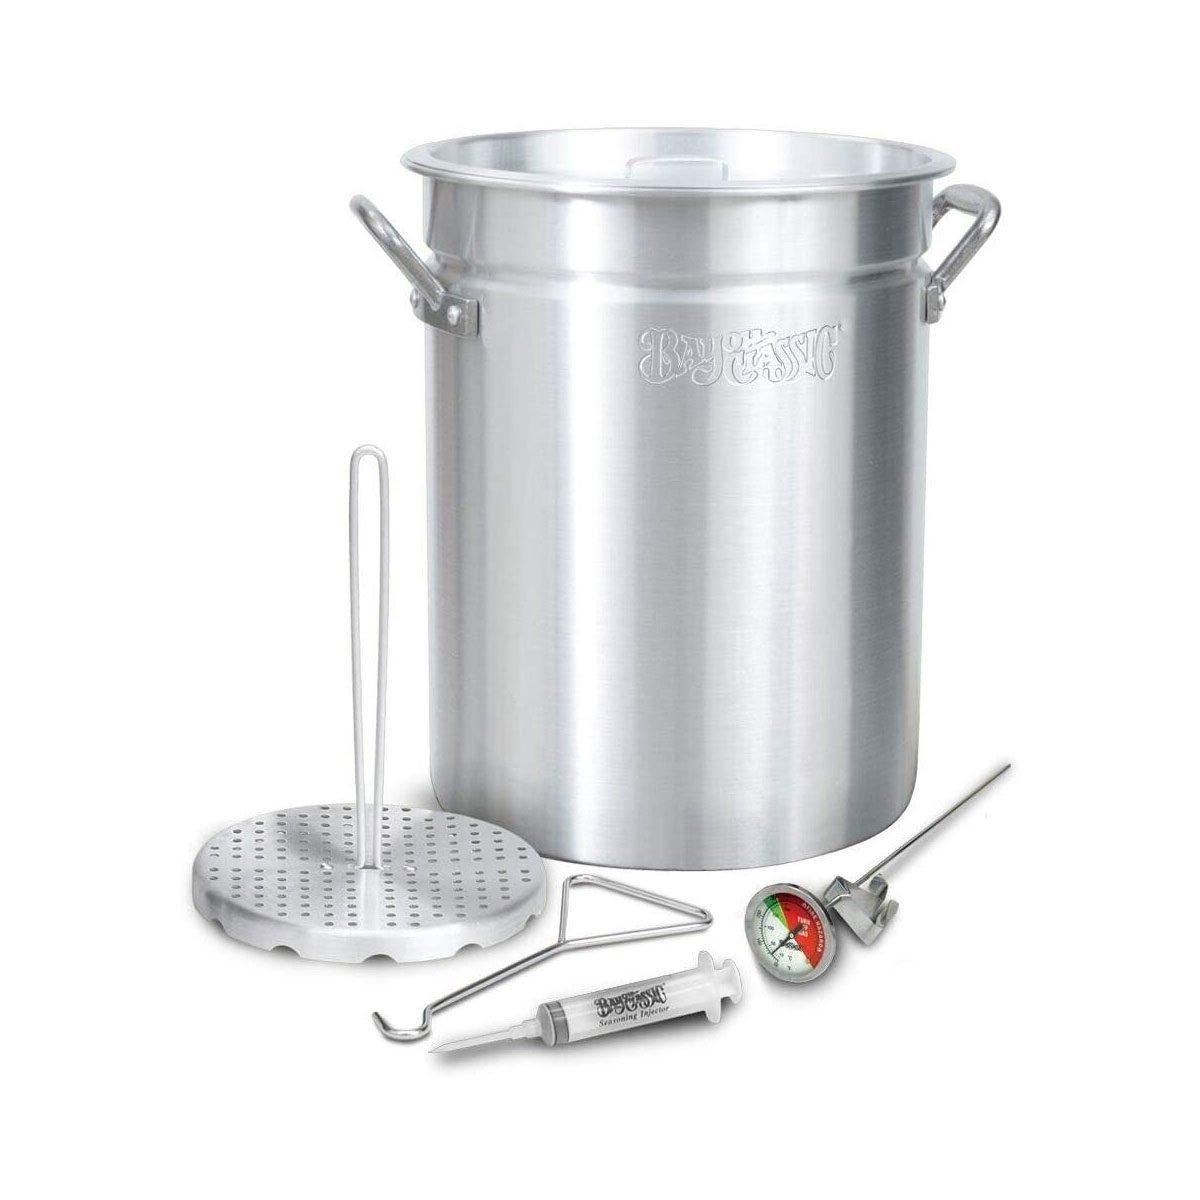 Large fryer pot